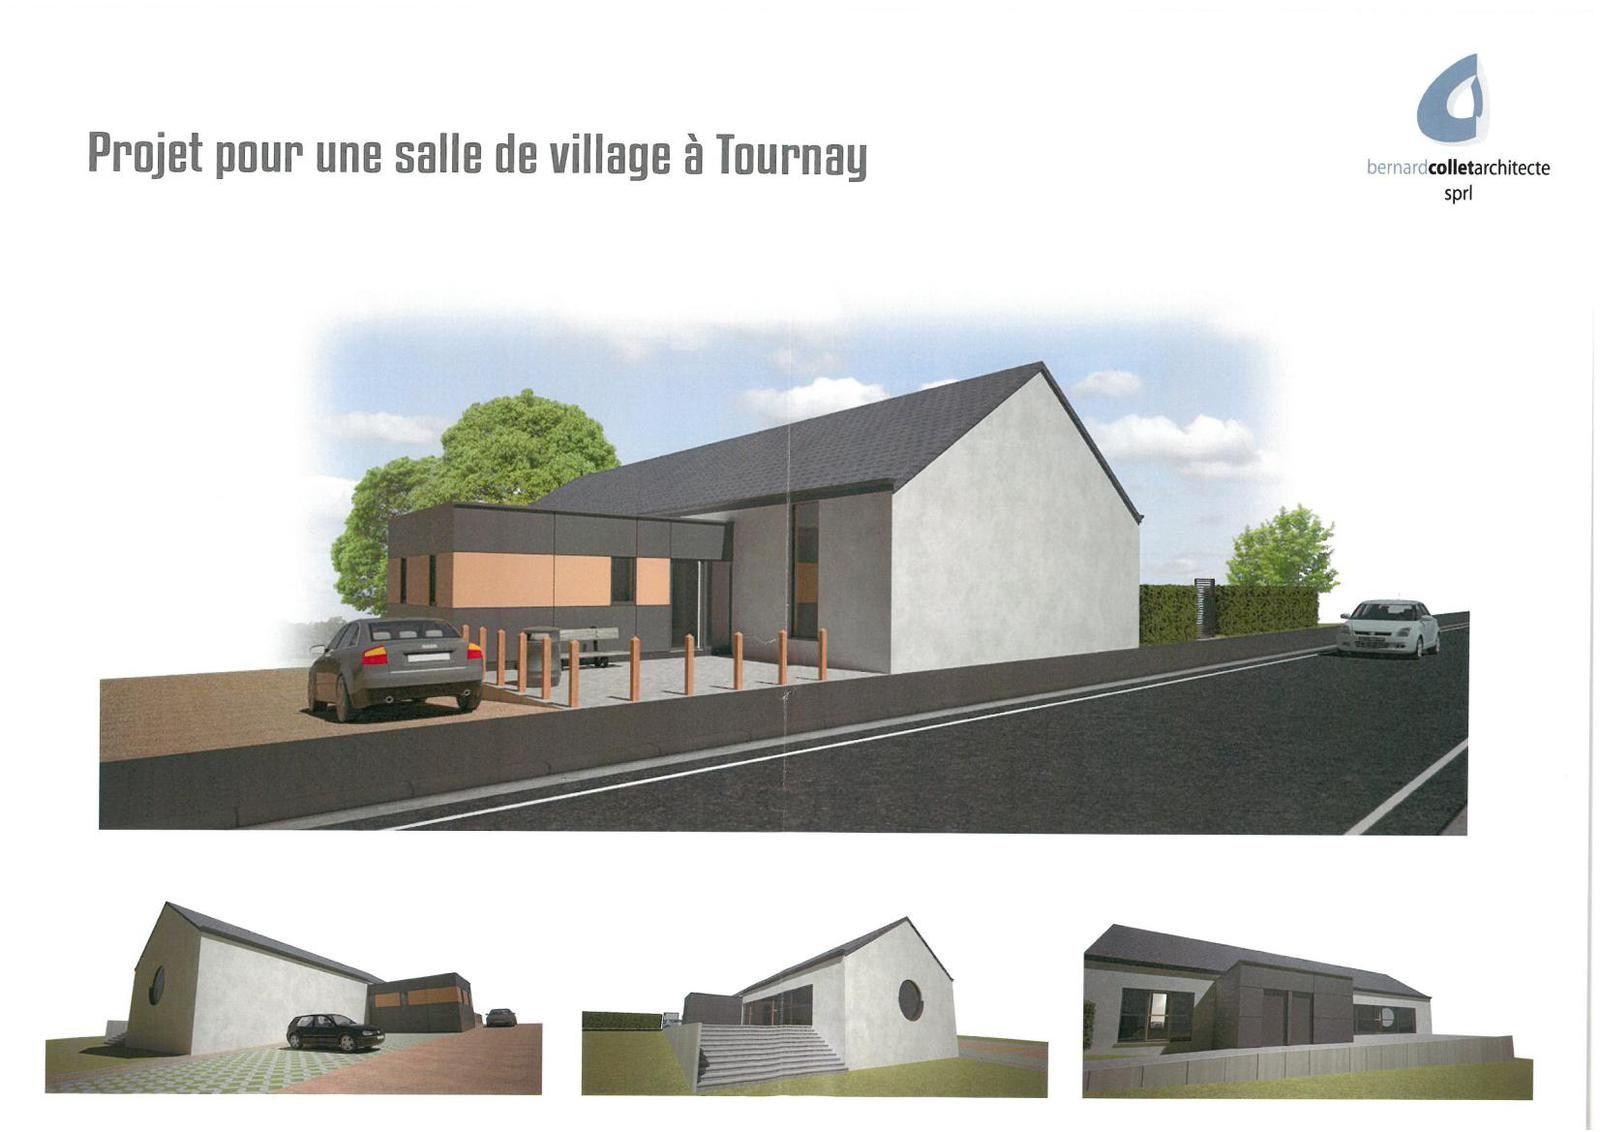 La maison de Tournay